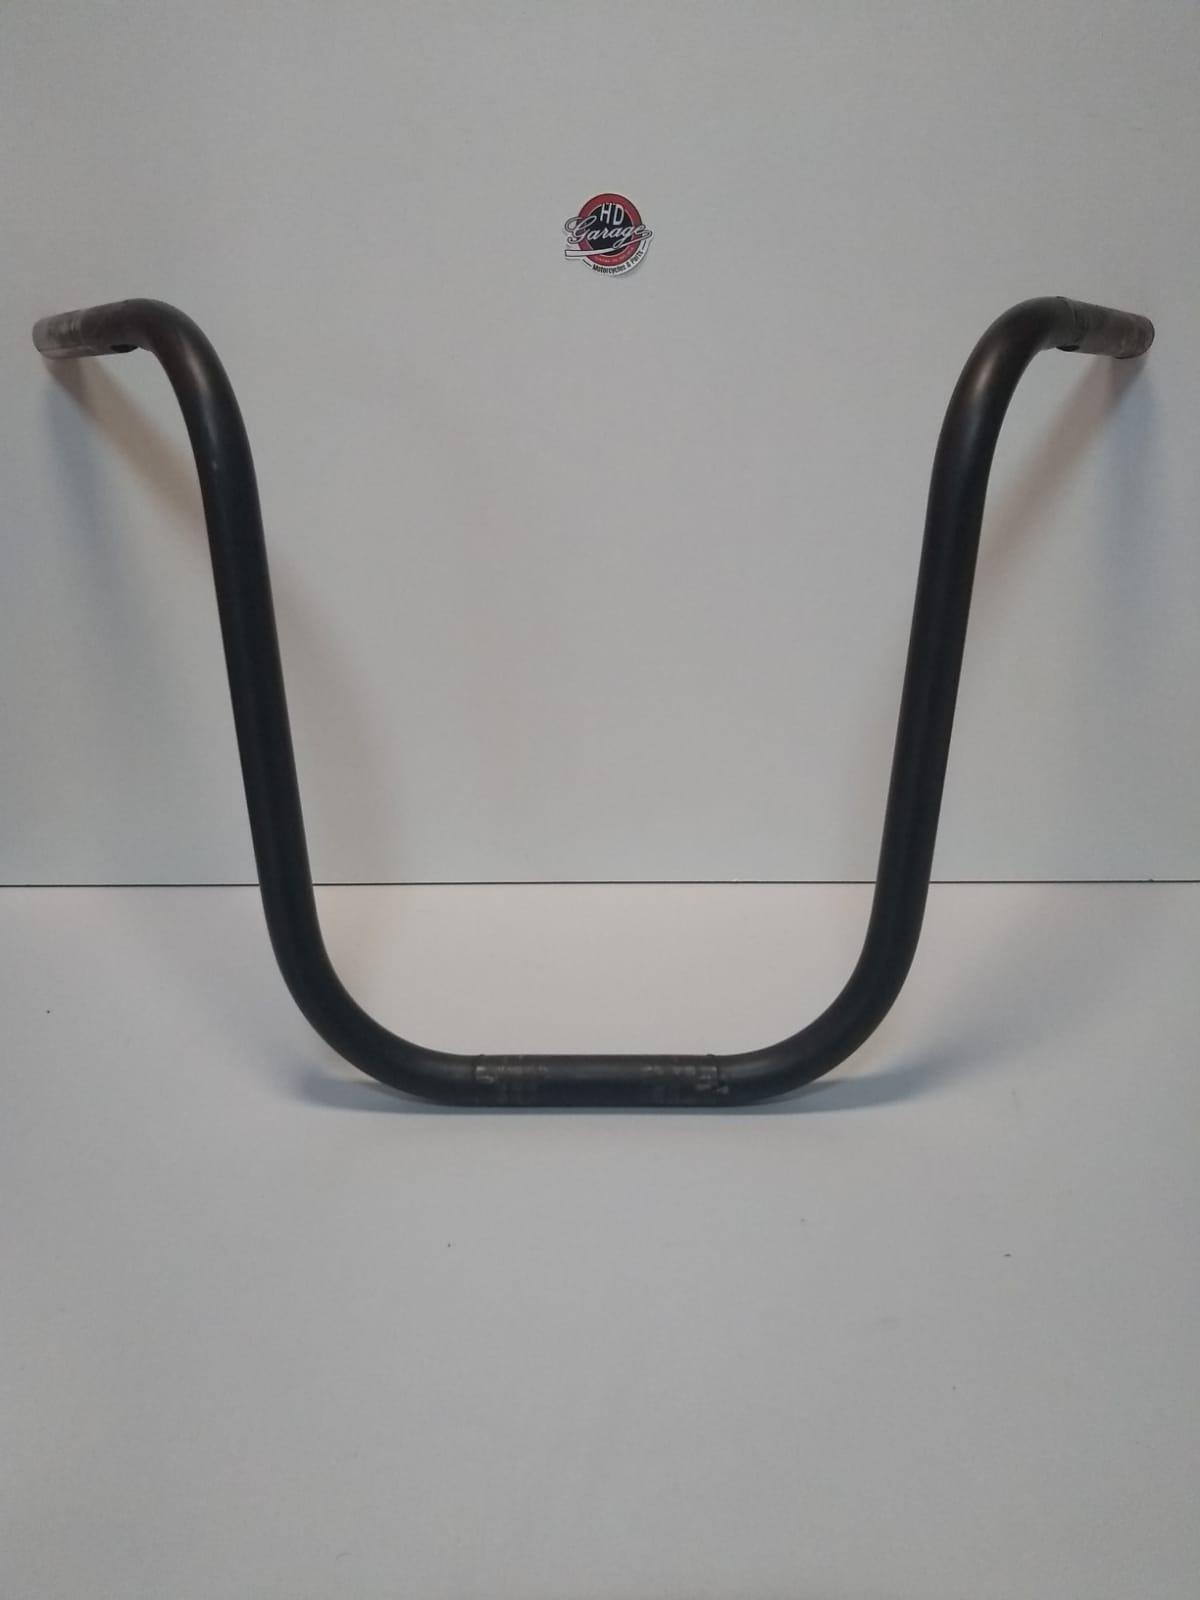 Guidão Ape Hanger - Altura 16 Polegadas - Tubo 1 Polegada - Preto Fosco - 009/61207